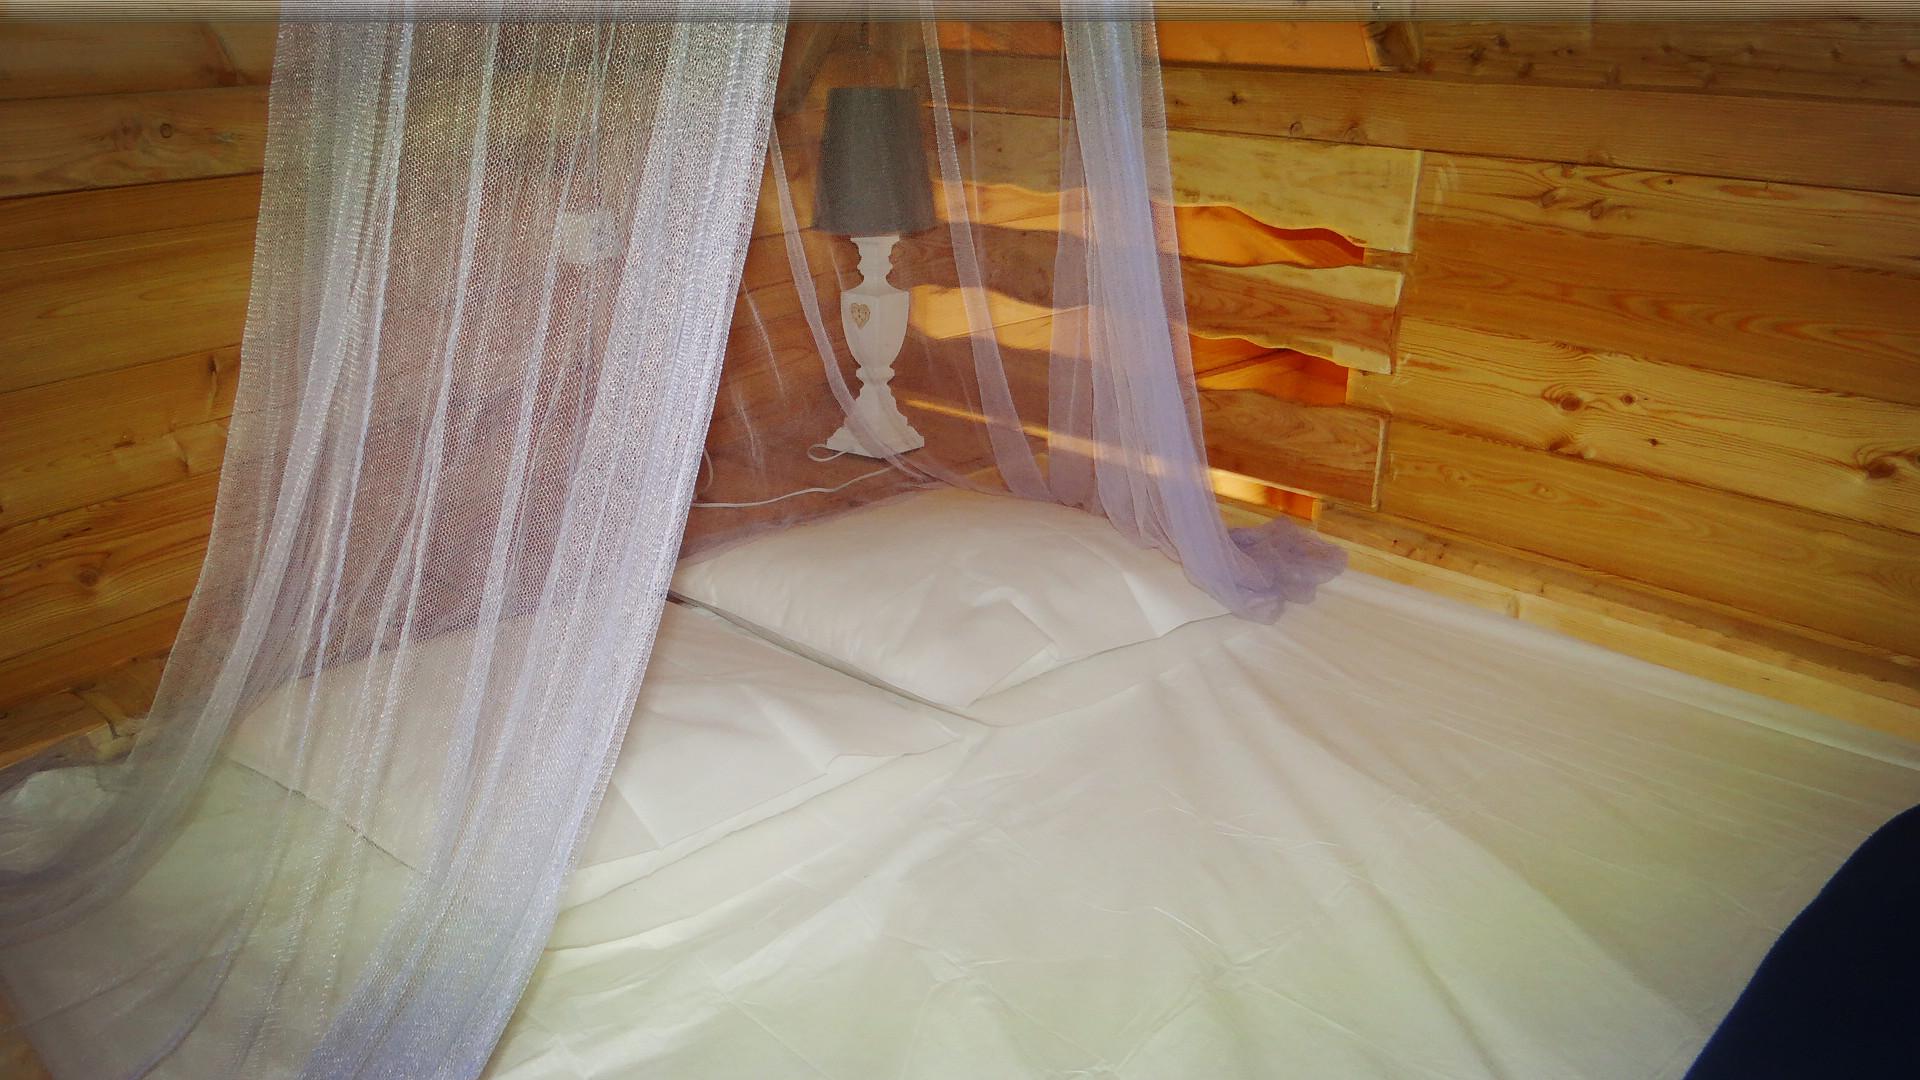 Lit romantique dans la cabane dans les arbres en Baie de Somme